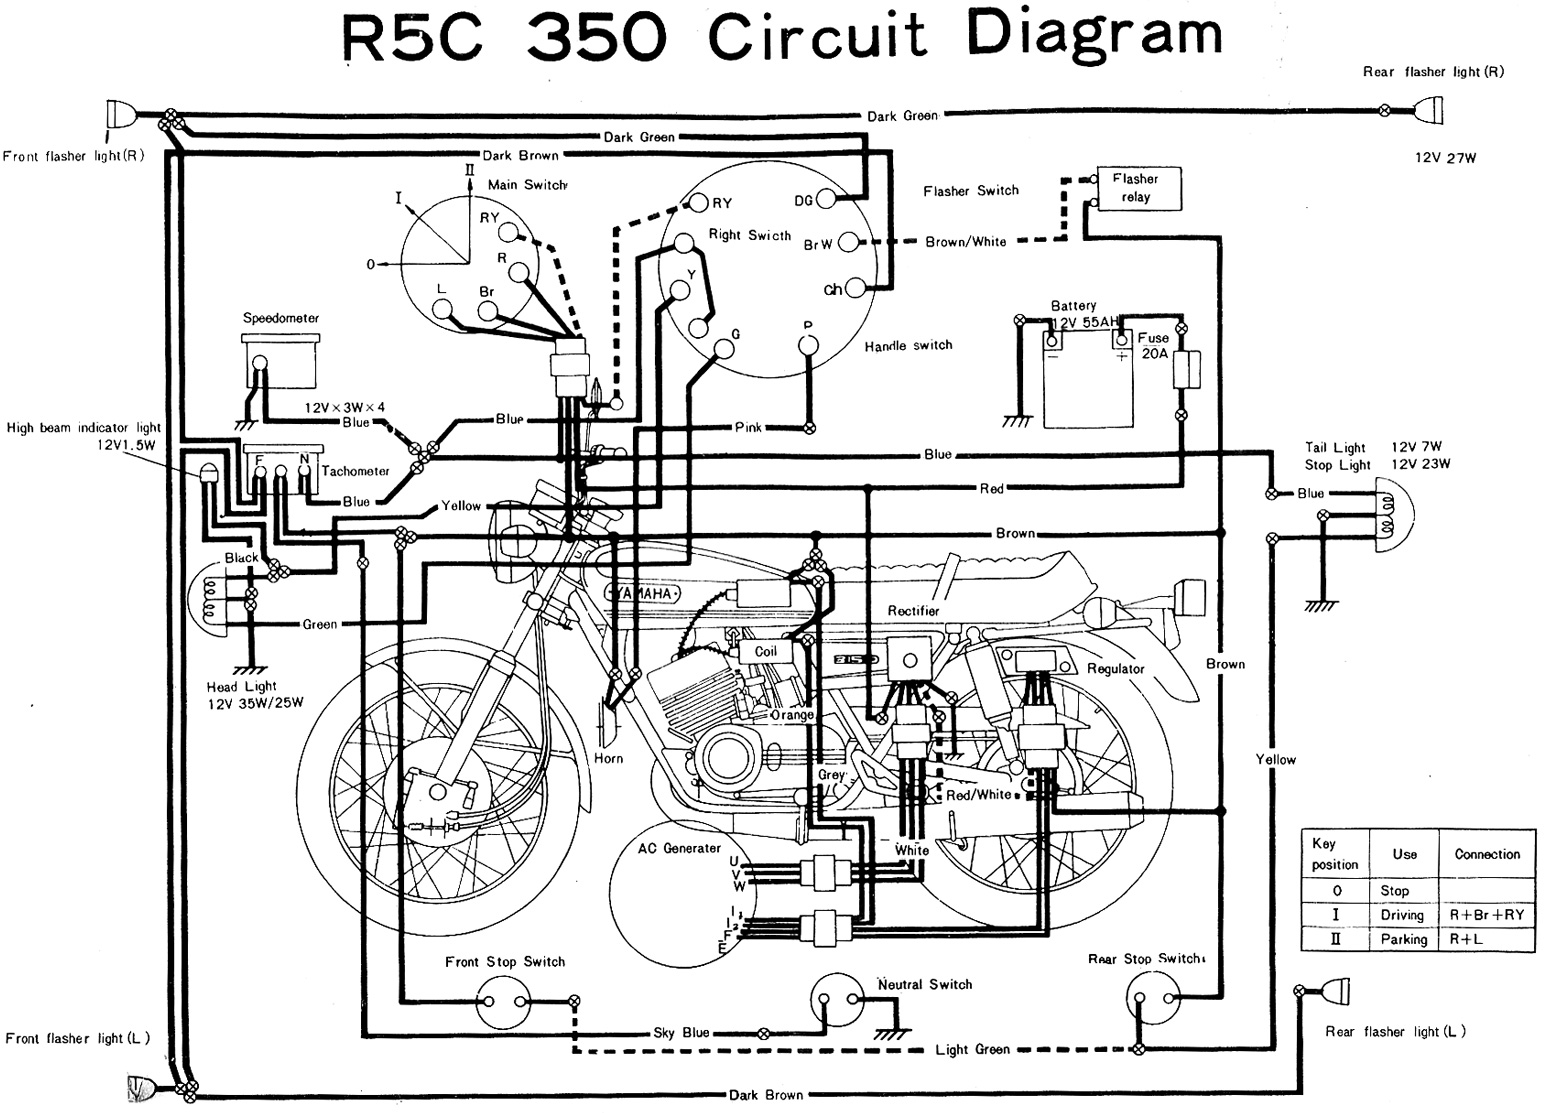 Jeepster wiring diagram 1949 jeepster wiring diagram wiring diagrams jeepster wiring diagram dolgular com jeepster wiring diagram dolgular com 1949 willys jeepster wiring diagram jeepster commando wiring diagram dolgular cheapraybanclubmaster Choice Image